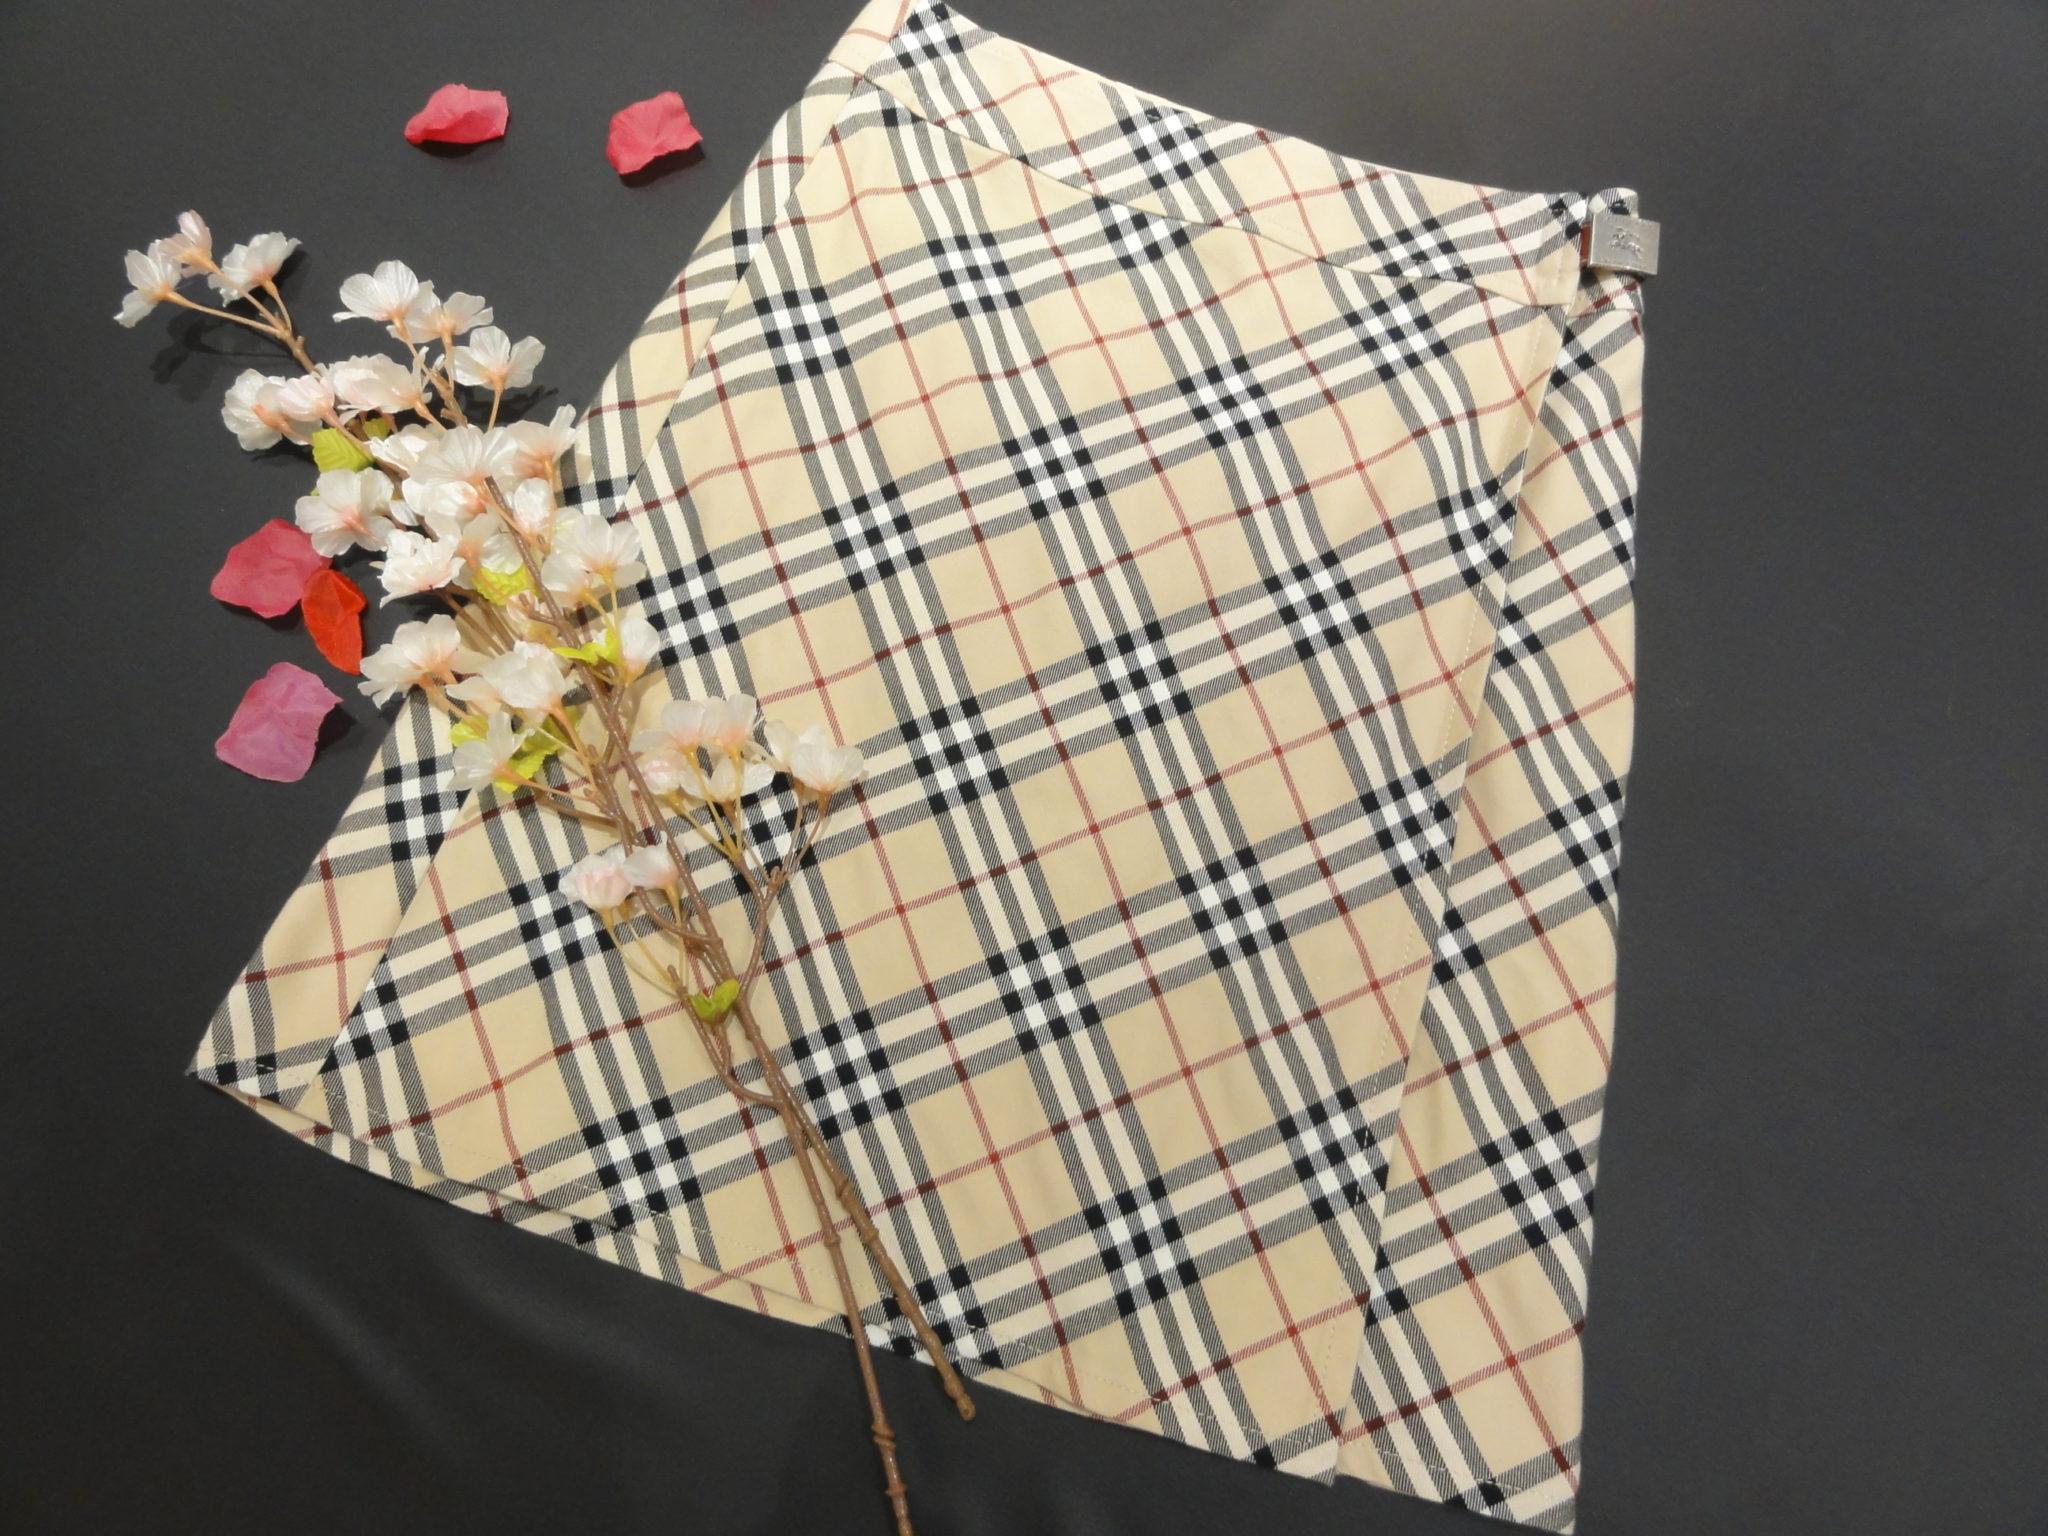 【盛岡 バーバリー 販売】BURBERRY BLUE LABEL ラップスカート